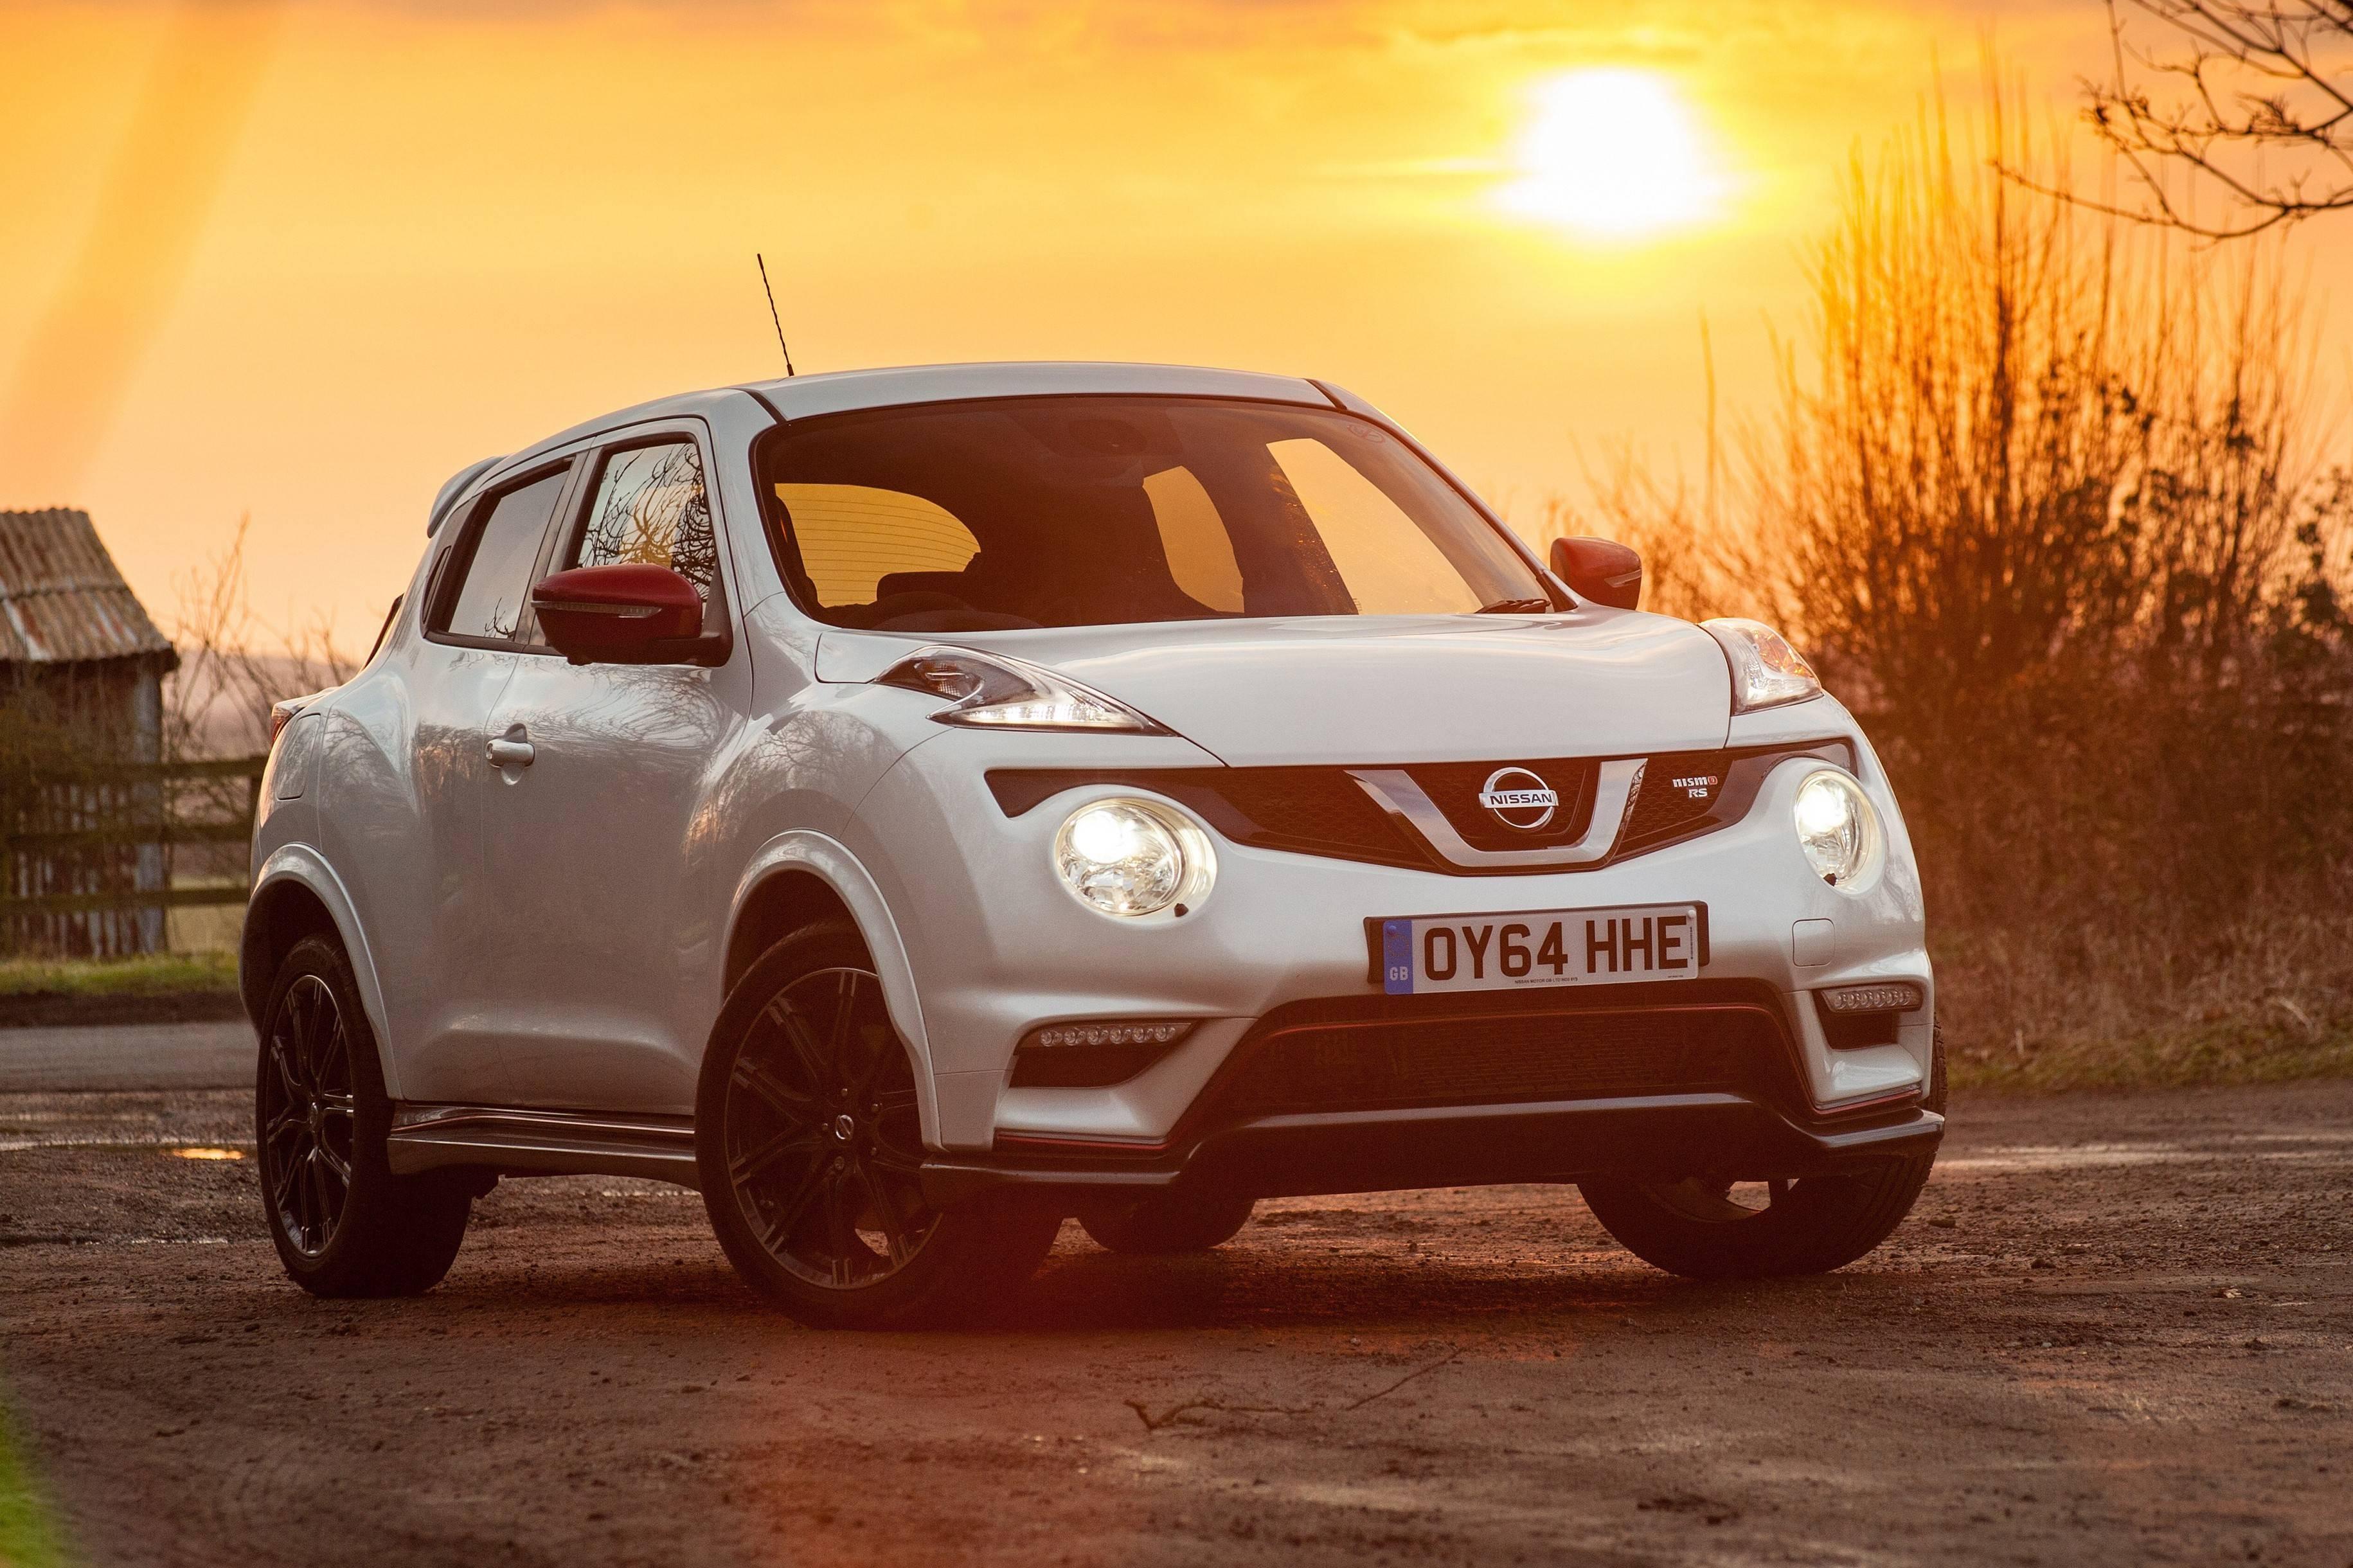 Самый неординарный автомобиль: обзор турбированного Nissan Juke на полном приводе